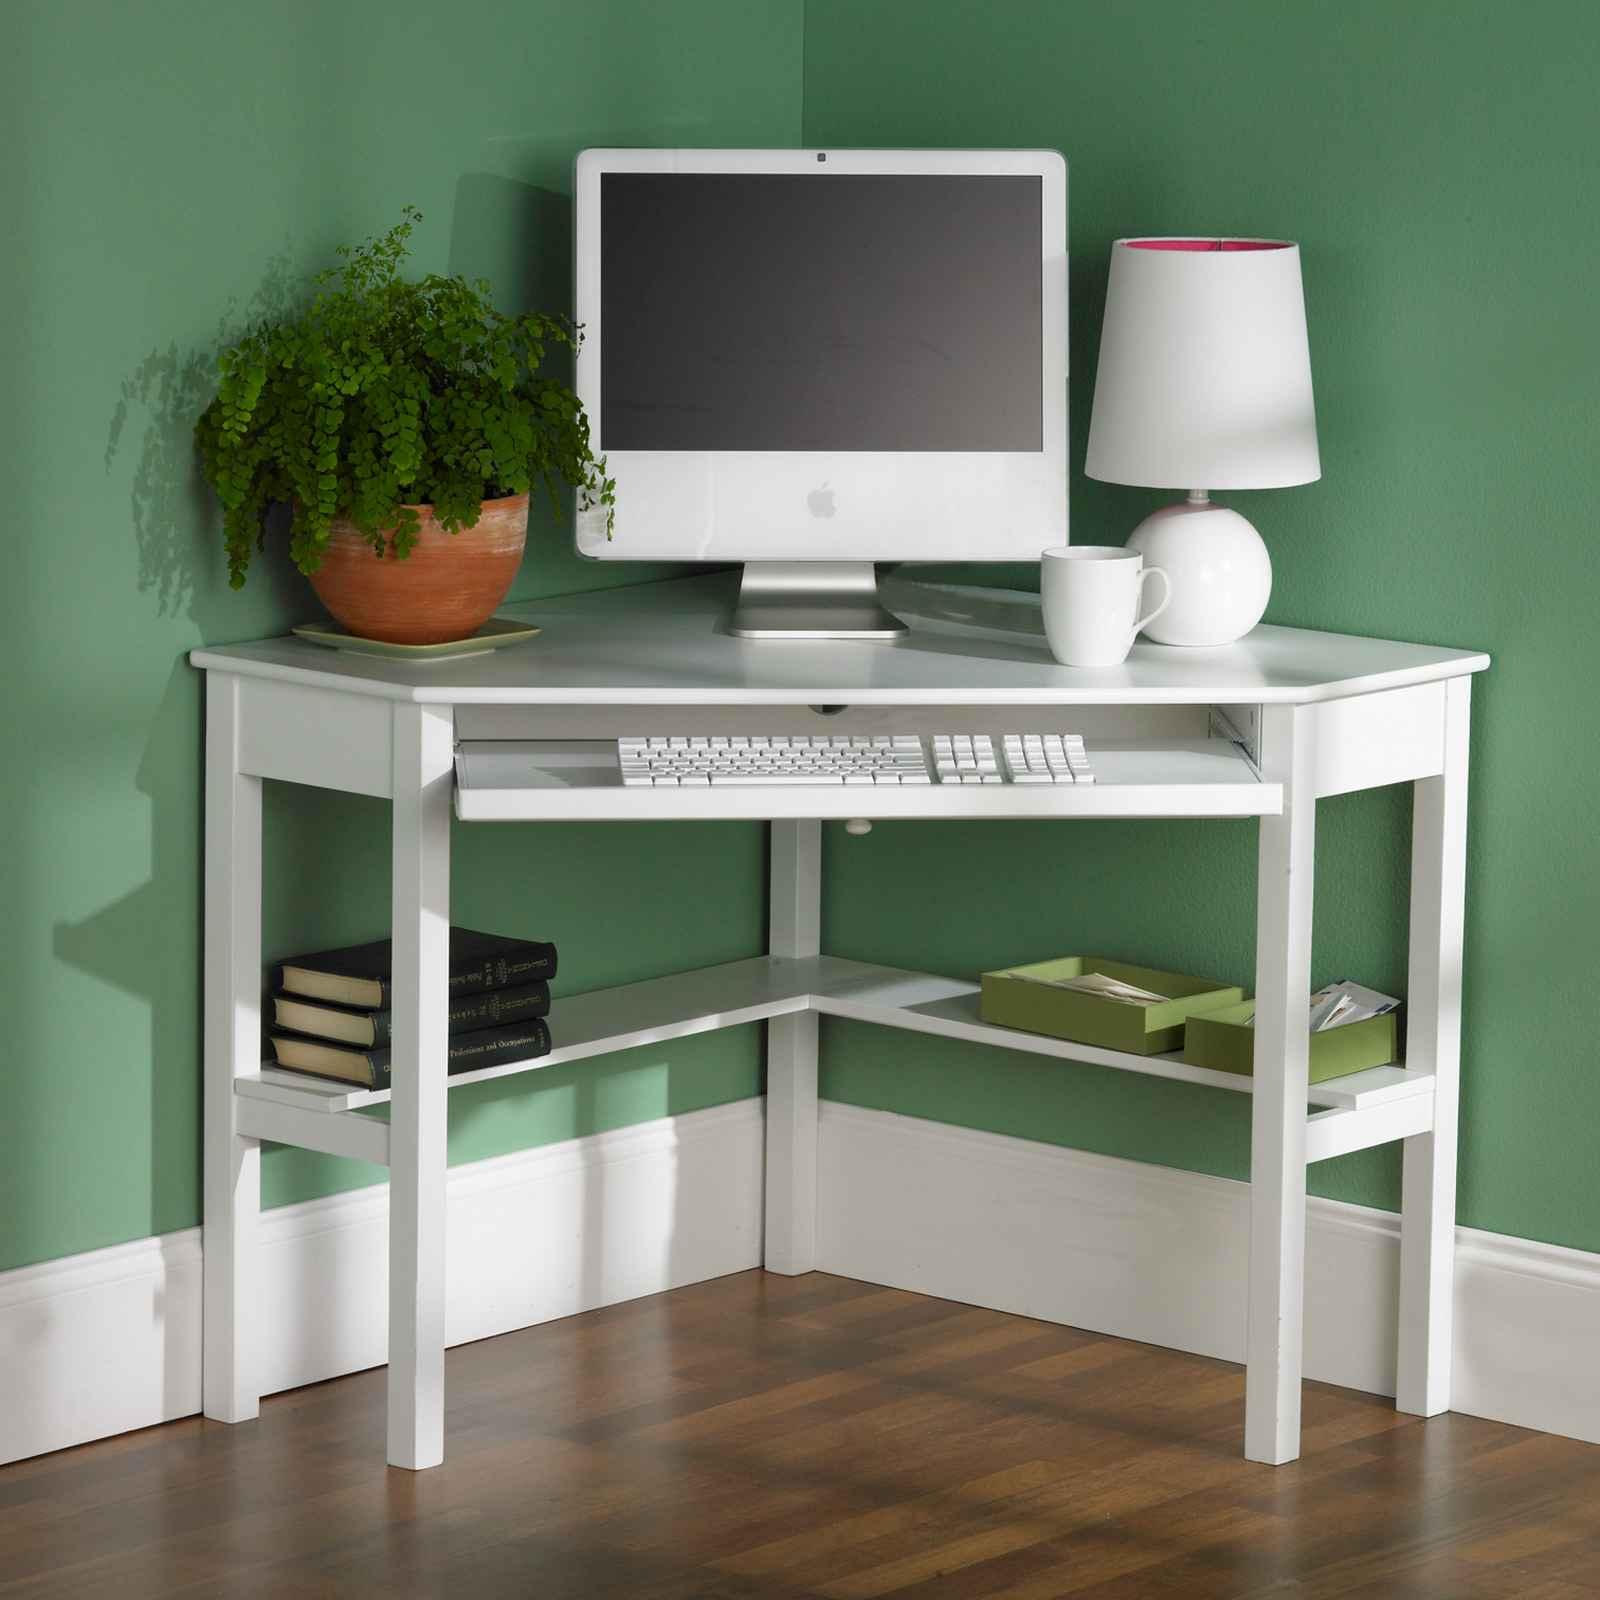 Small Computer Desk Inoutinterior